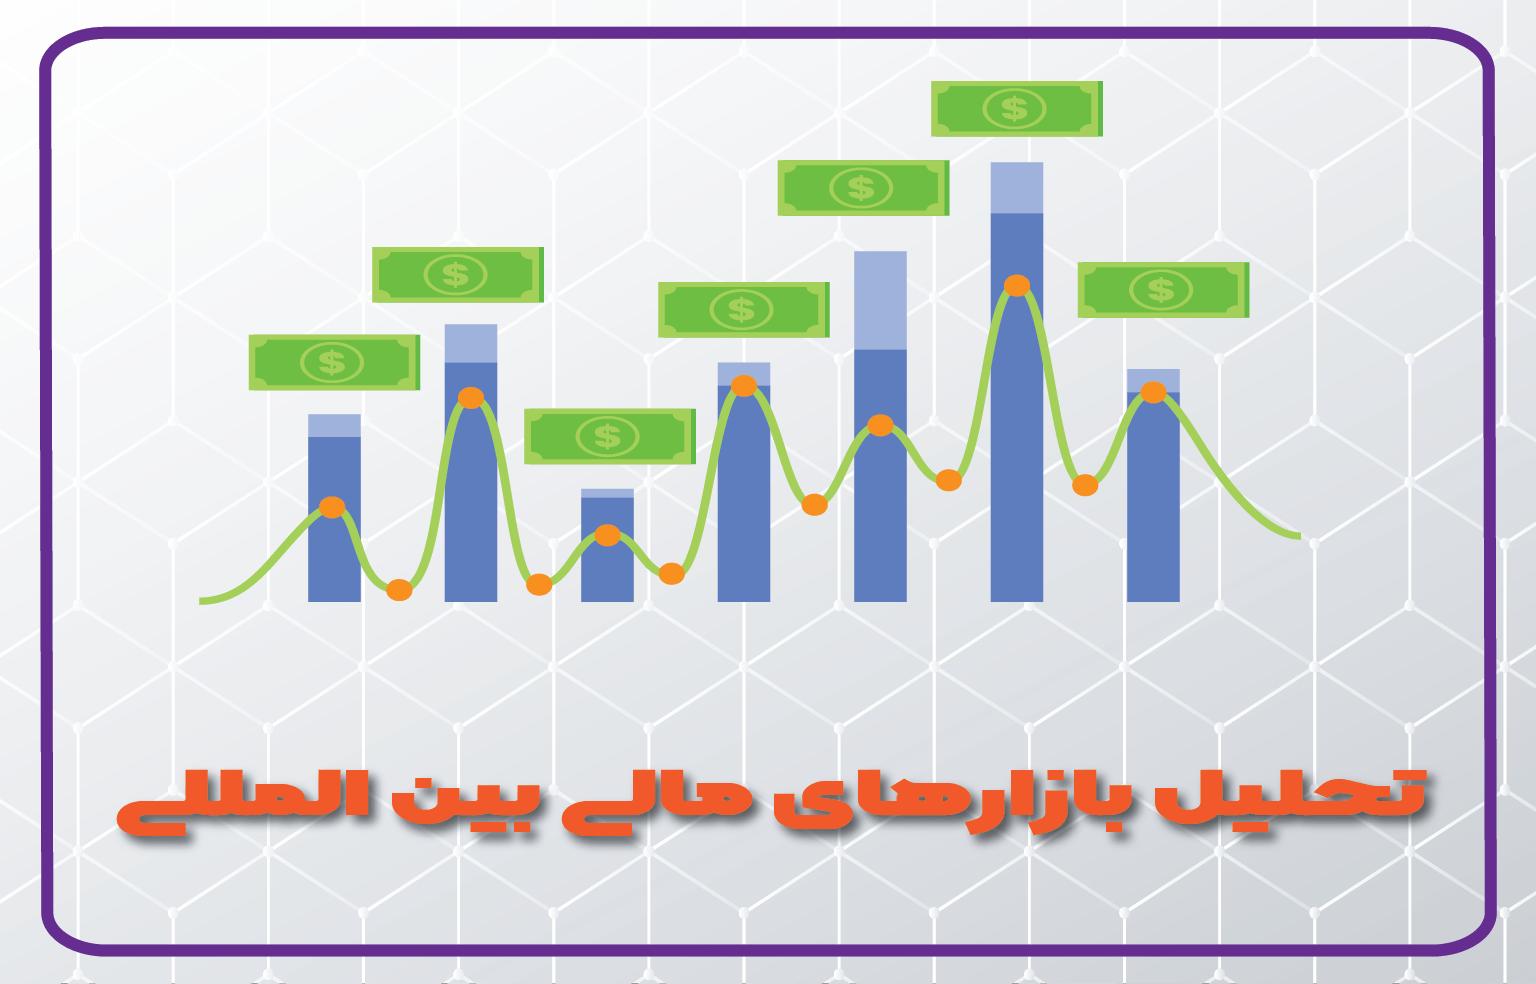 دوره ی آموزش تحلیل بازارهای مالی بین المللی